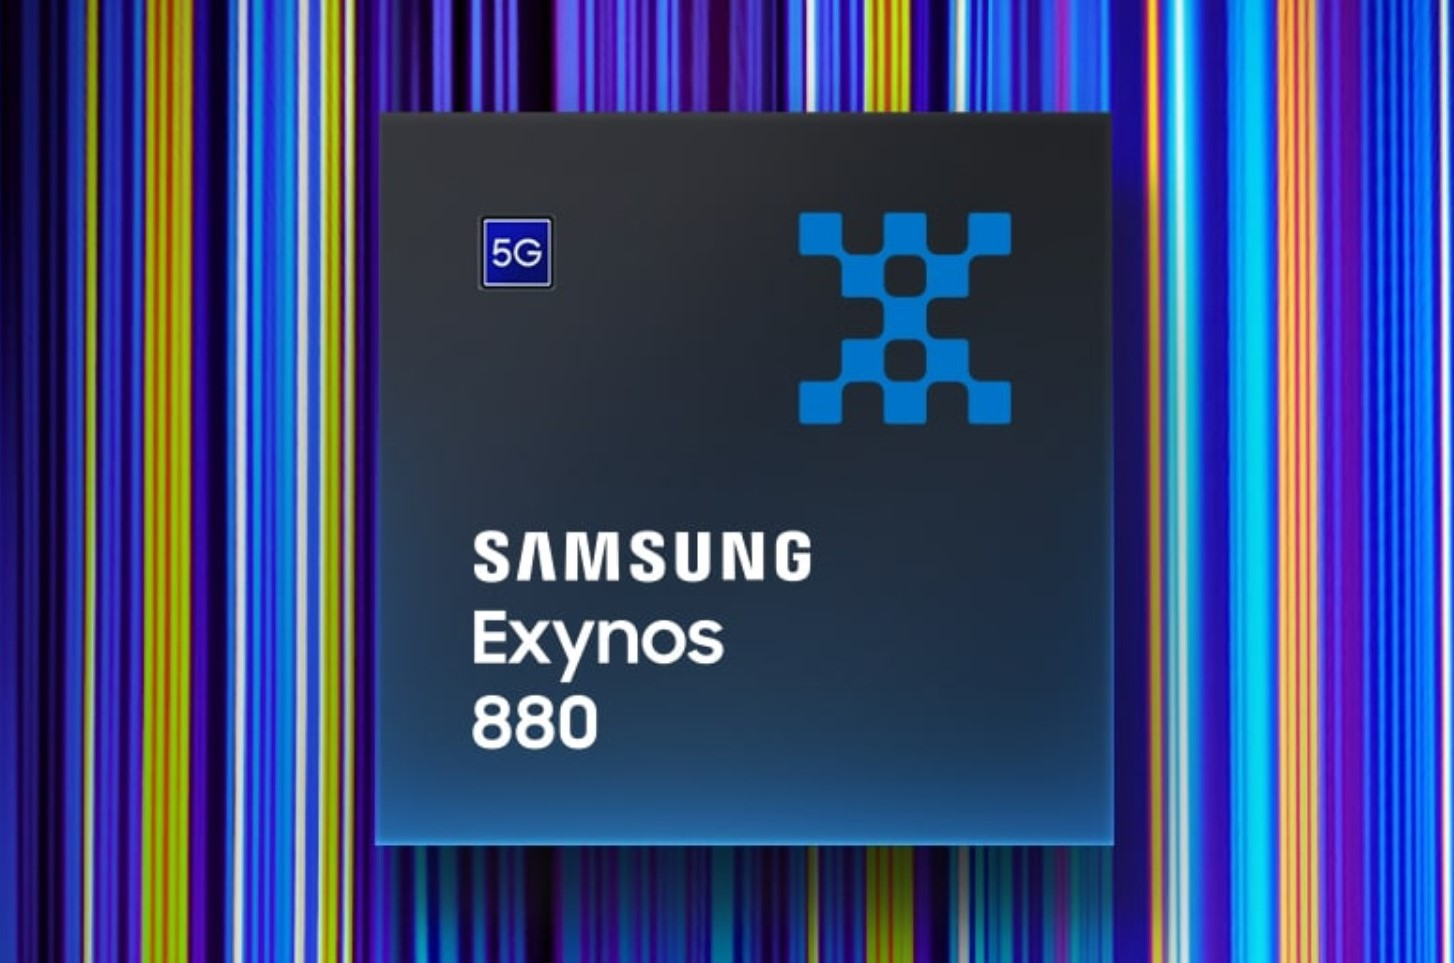 Ten procesor będzie częstym gościem w smartfonach Samsunga - Exynos 880 18